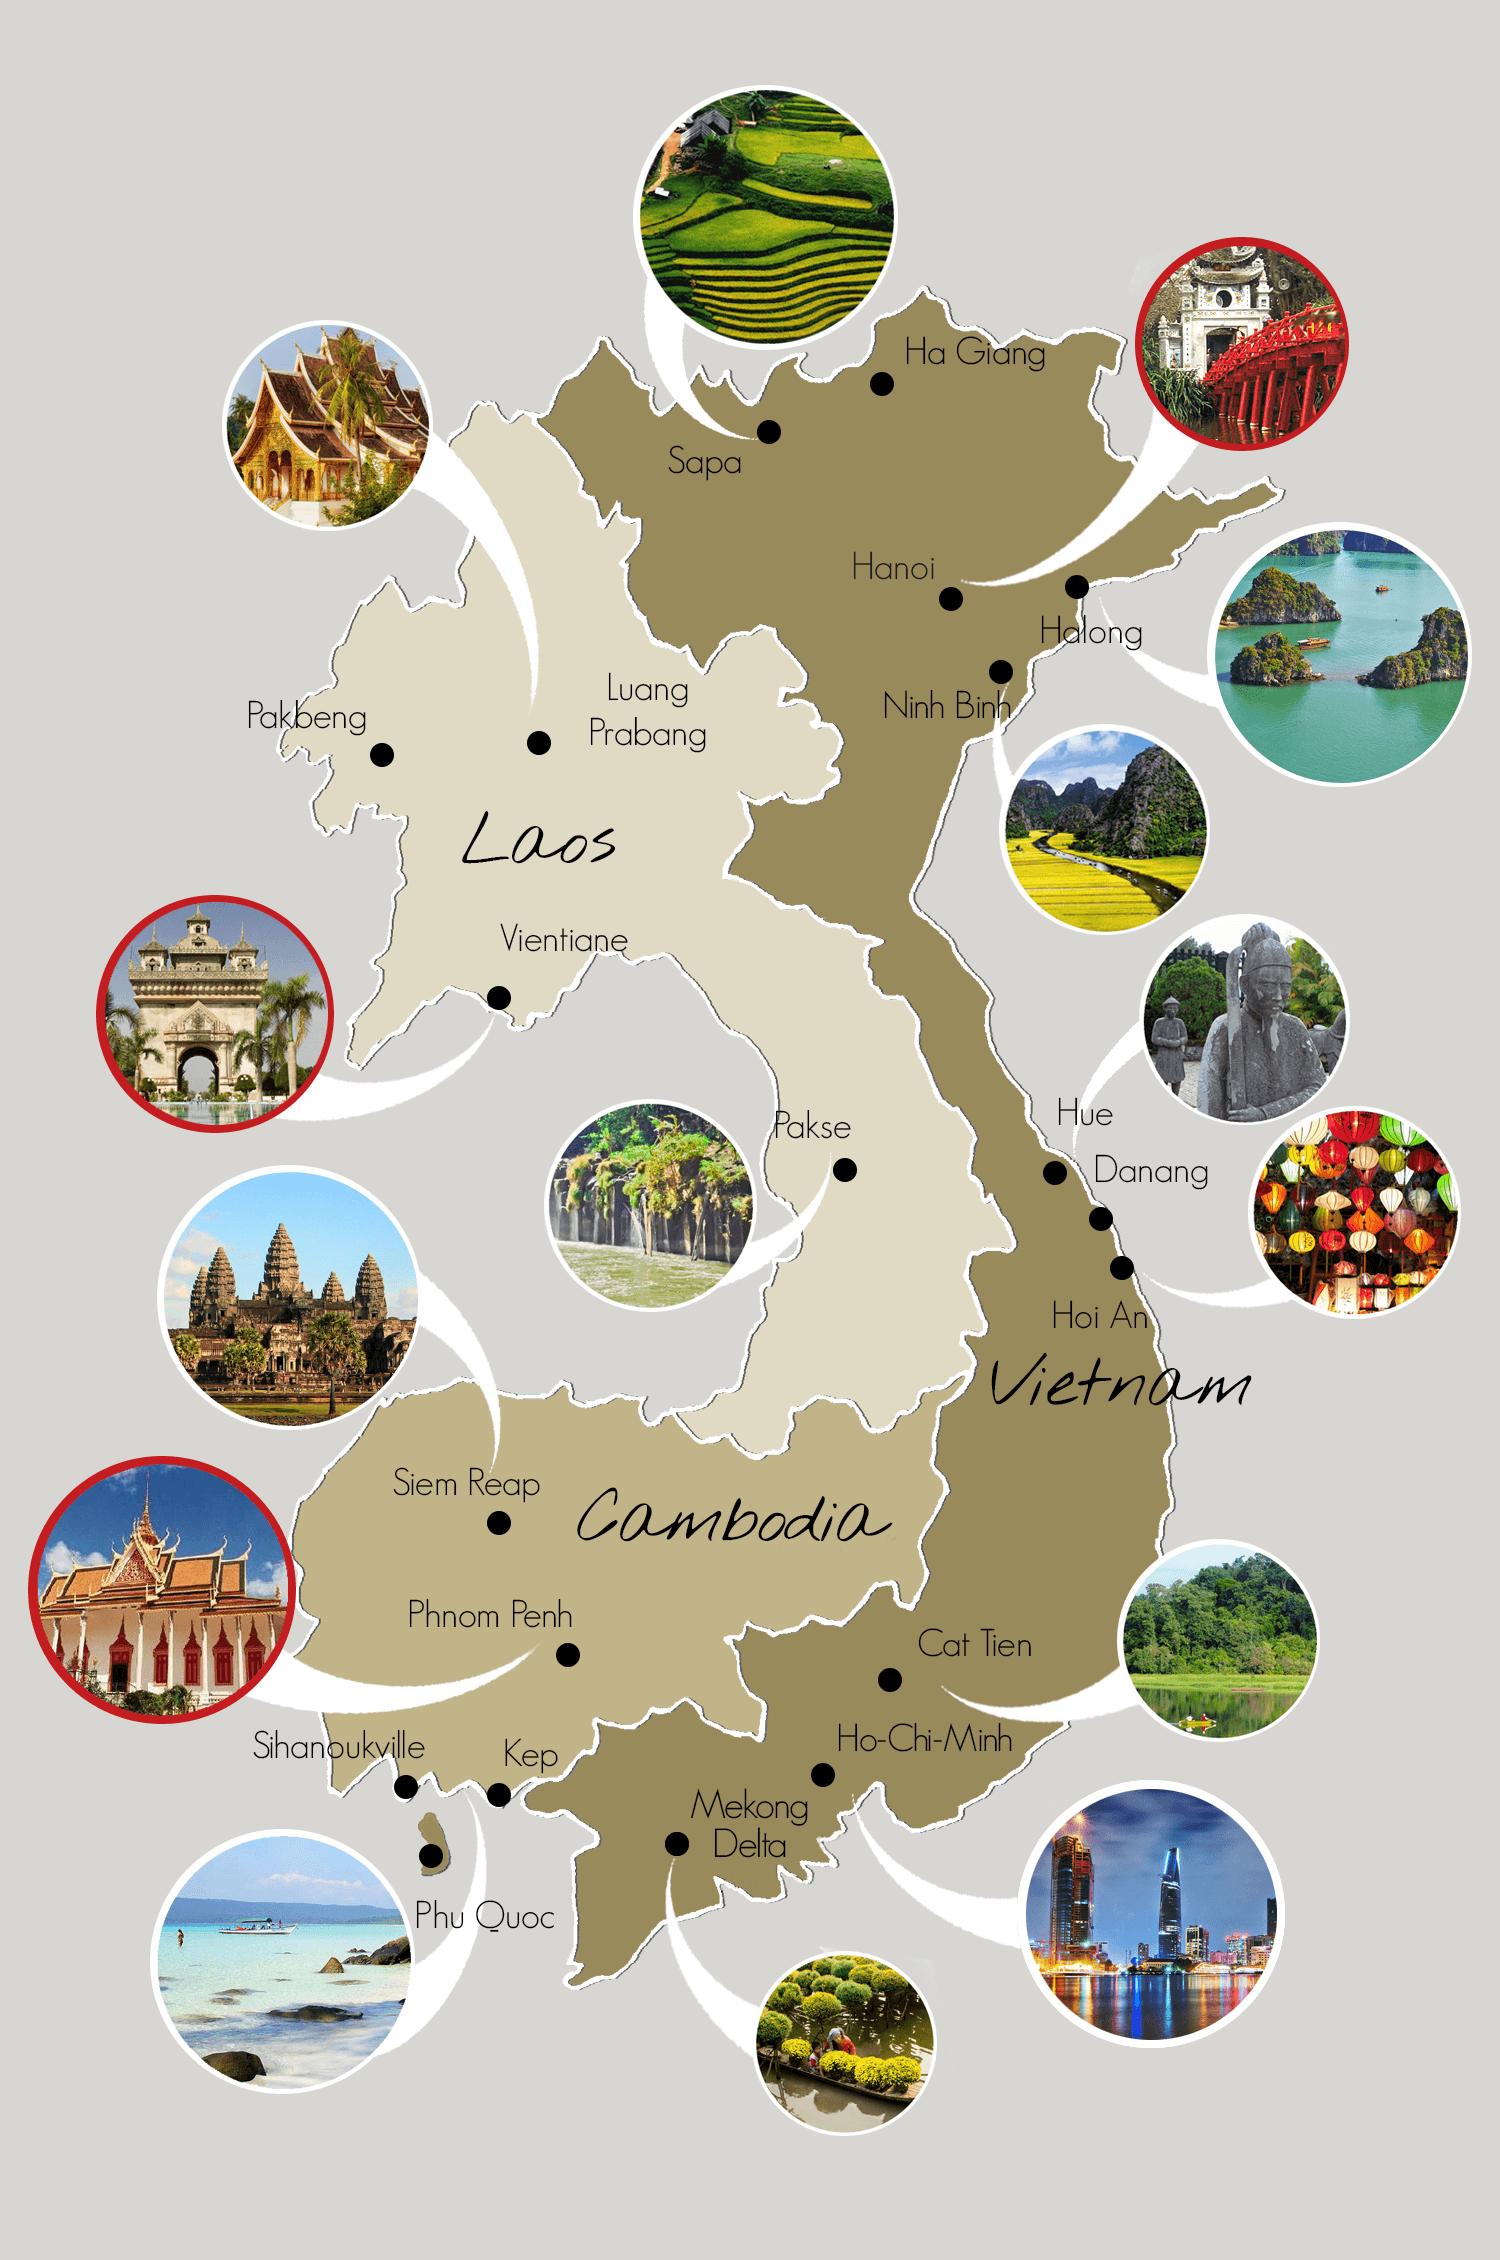 Carte Du Monde Laos.The Map Of Vietnam Cambodia And Laos Voyage Autour Du Monde